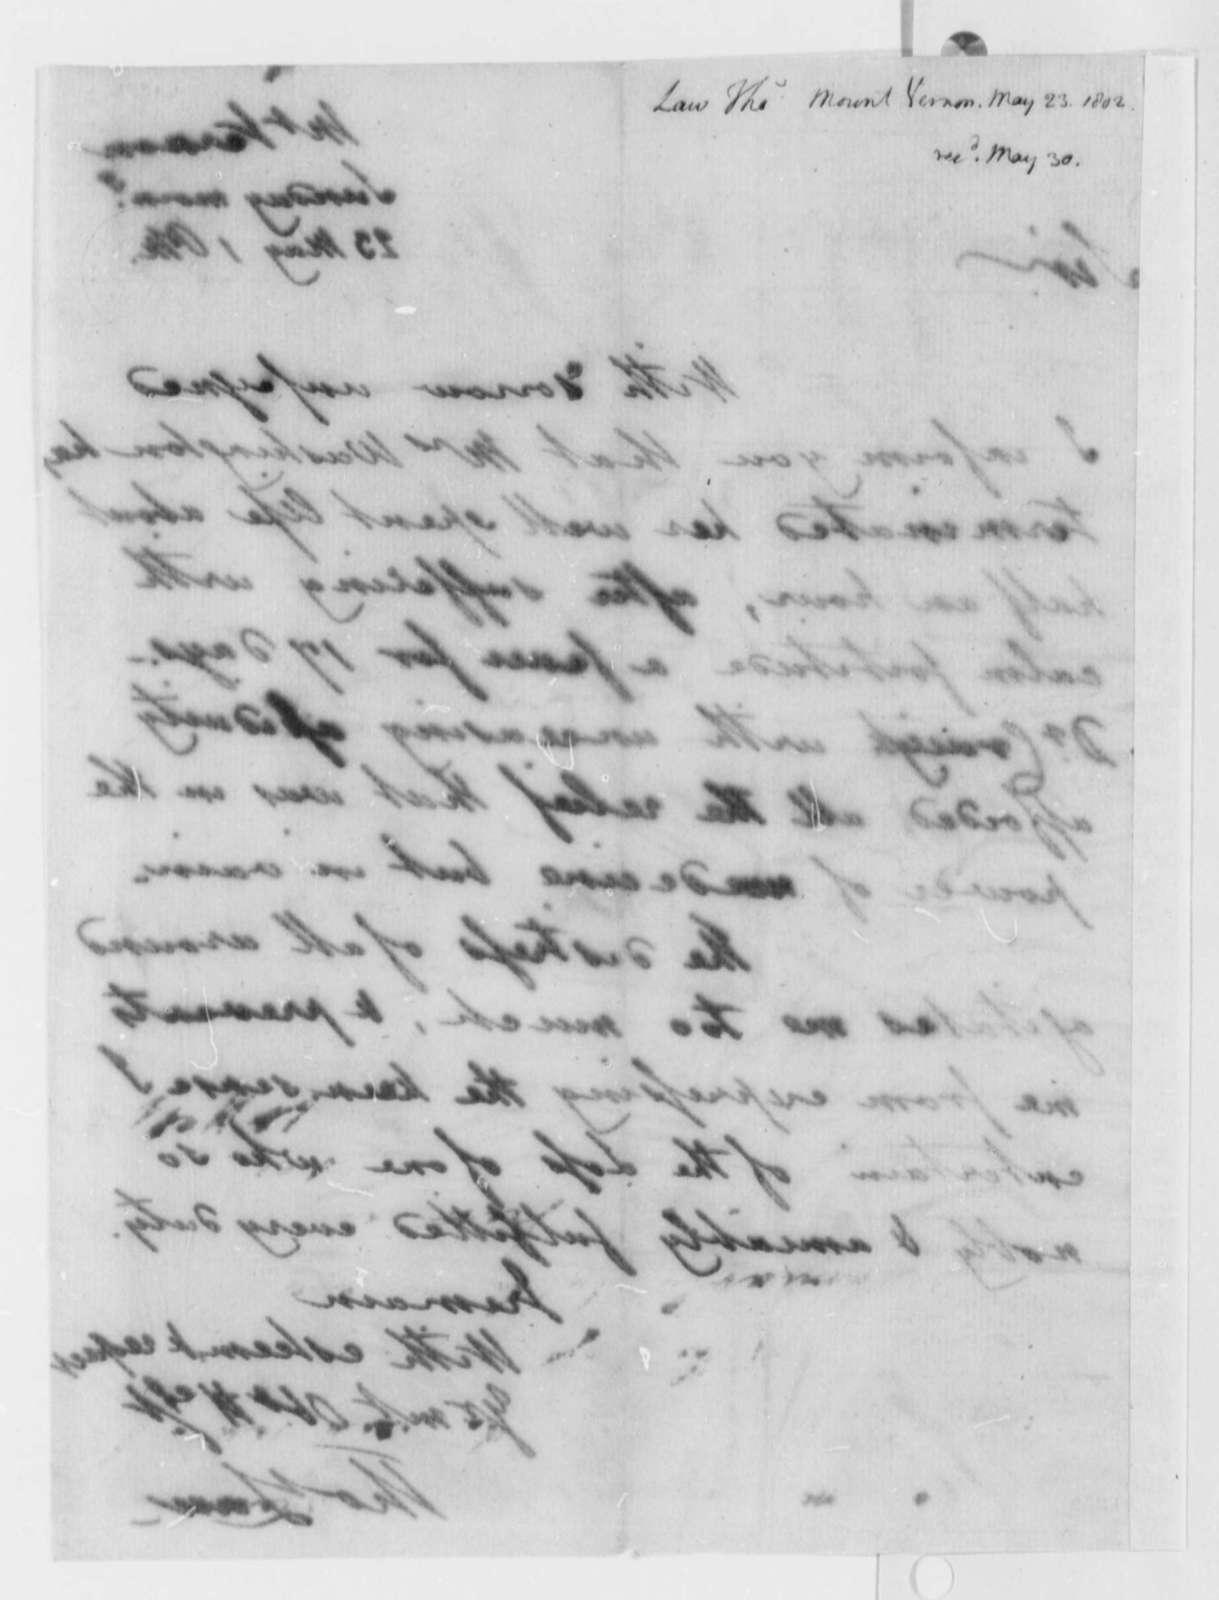 Thomas Law to Thomas Jefferson, May 23, 1802